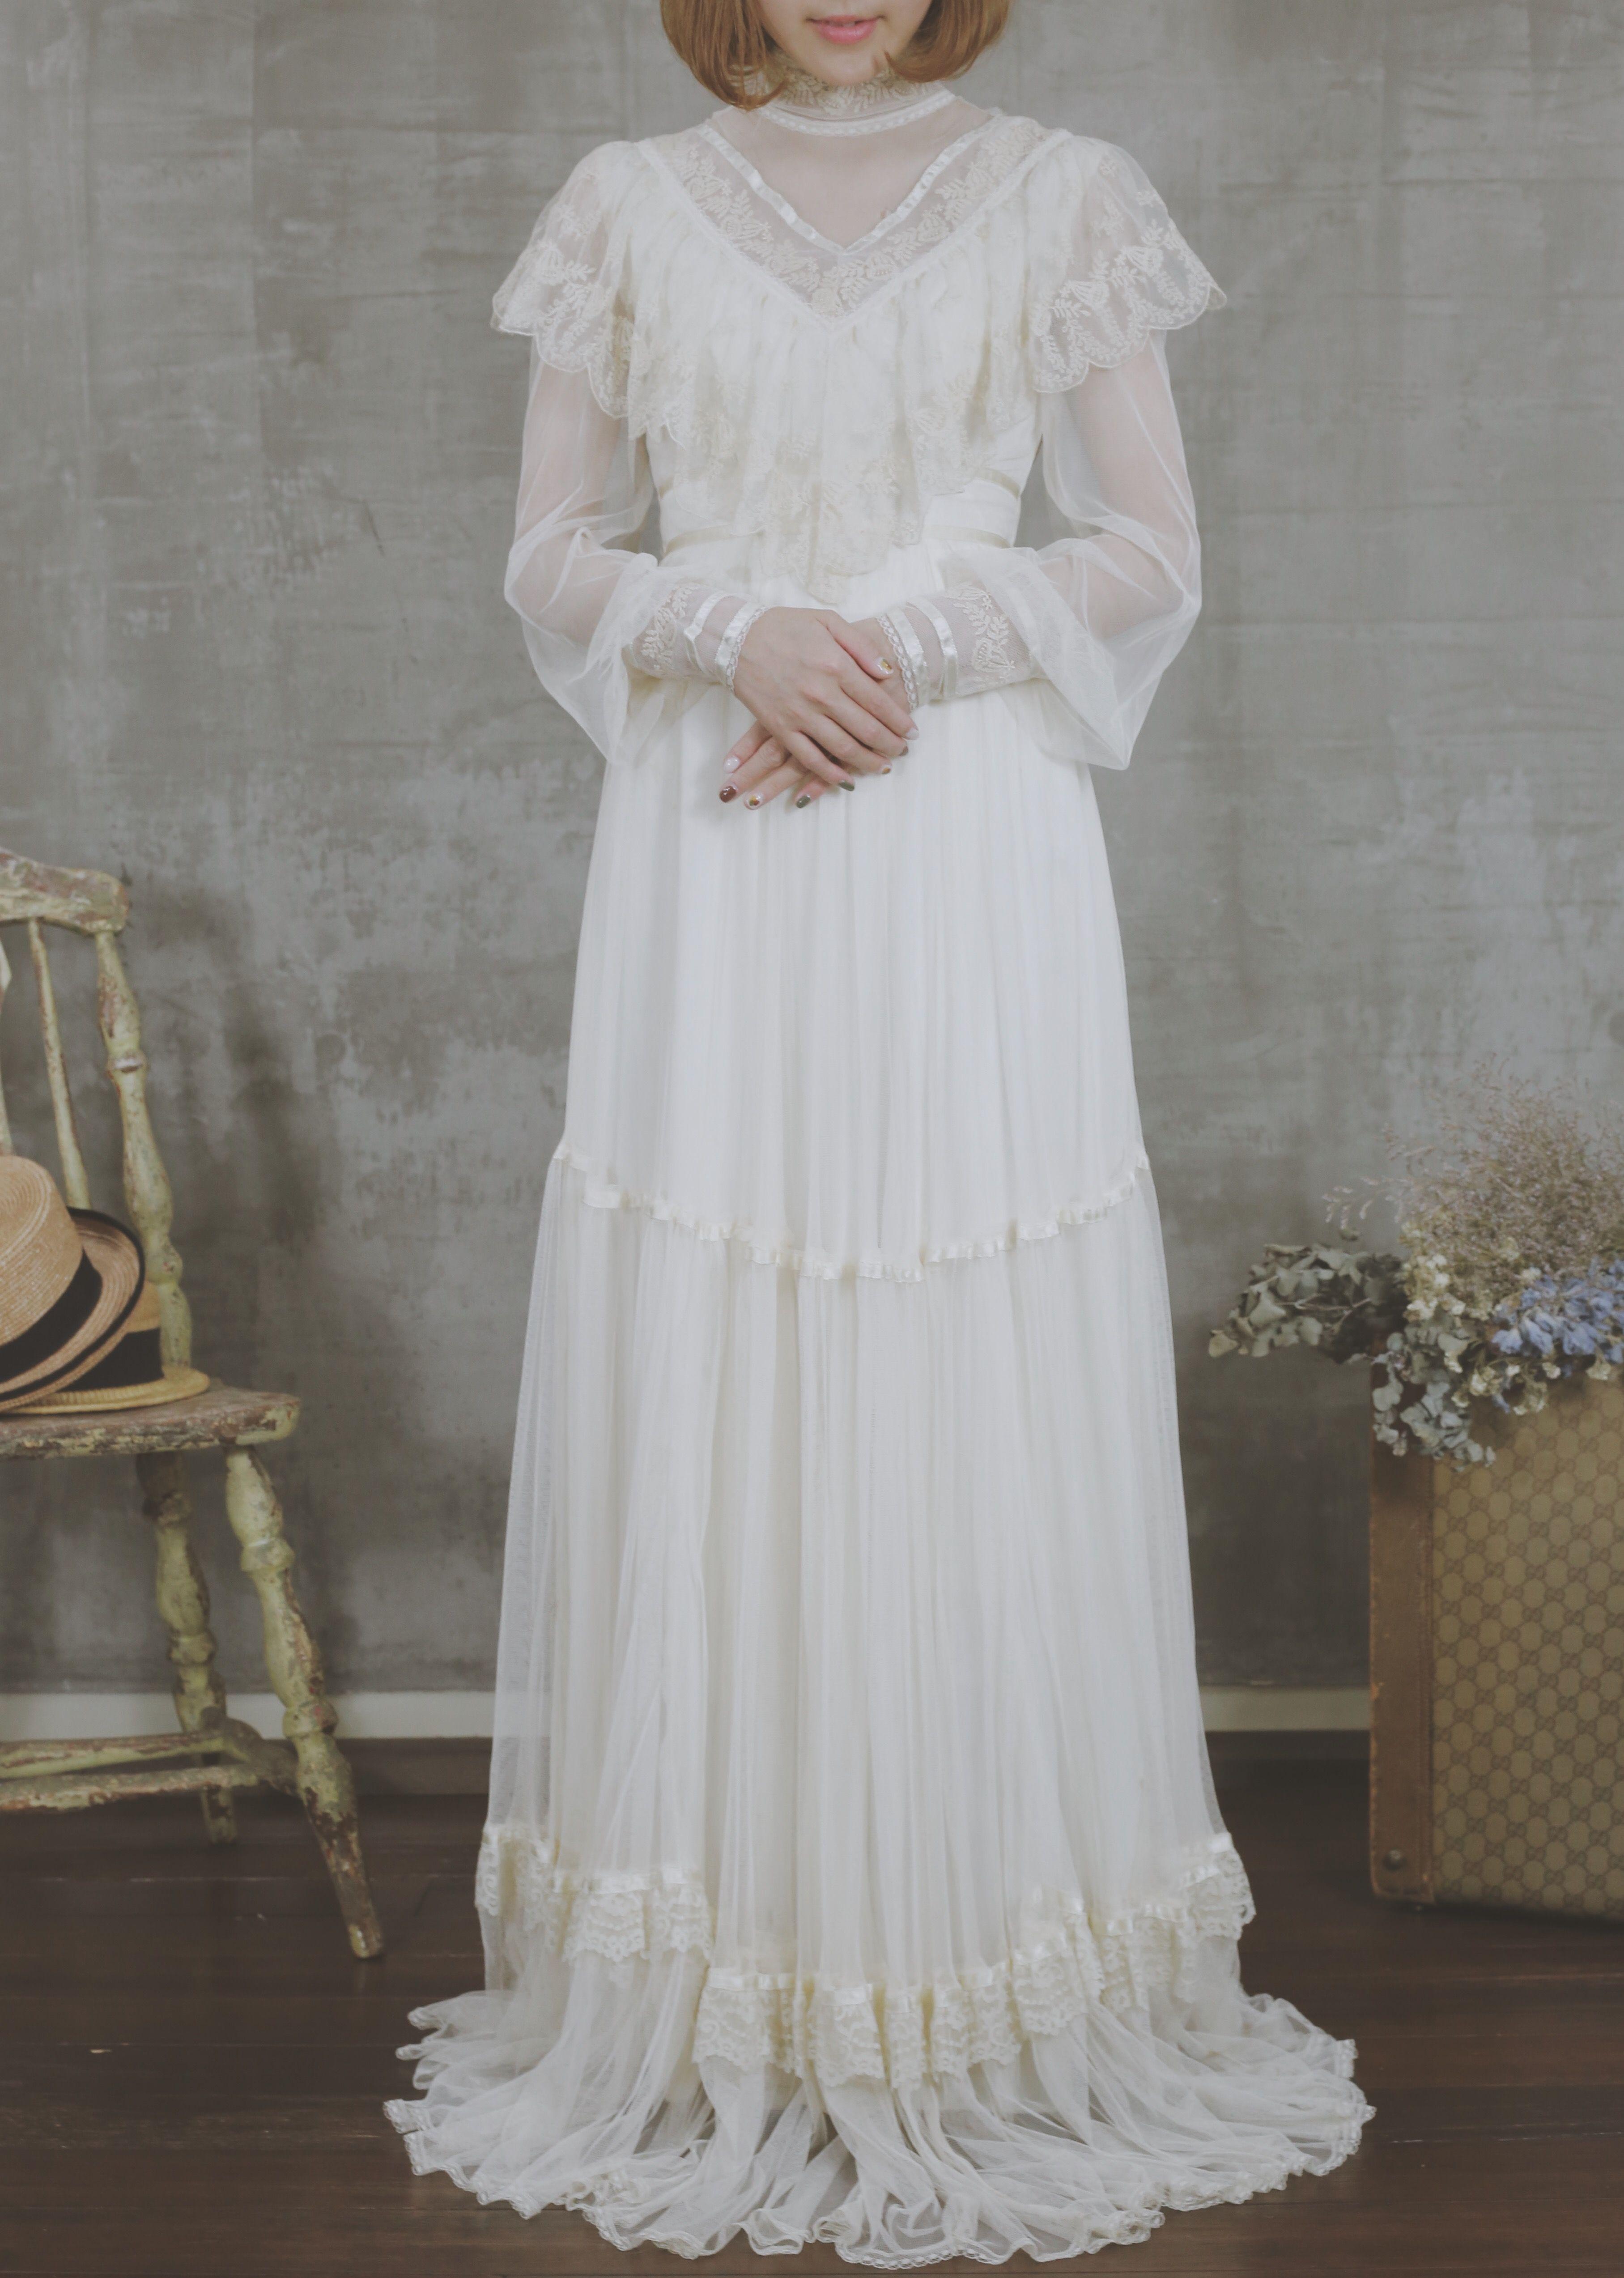 ヴィンテージドレス ヴィンテージウェディングドレス アンティークドレス ...